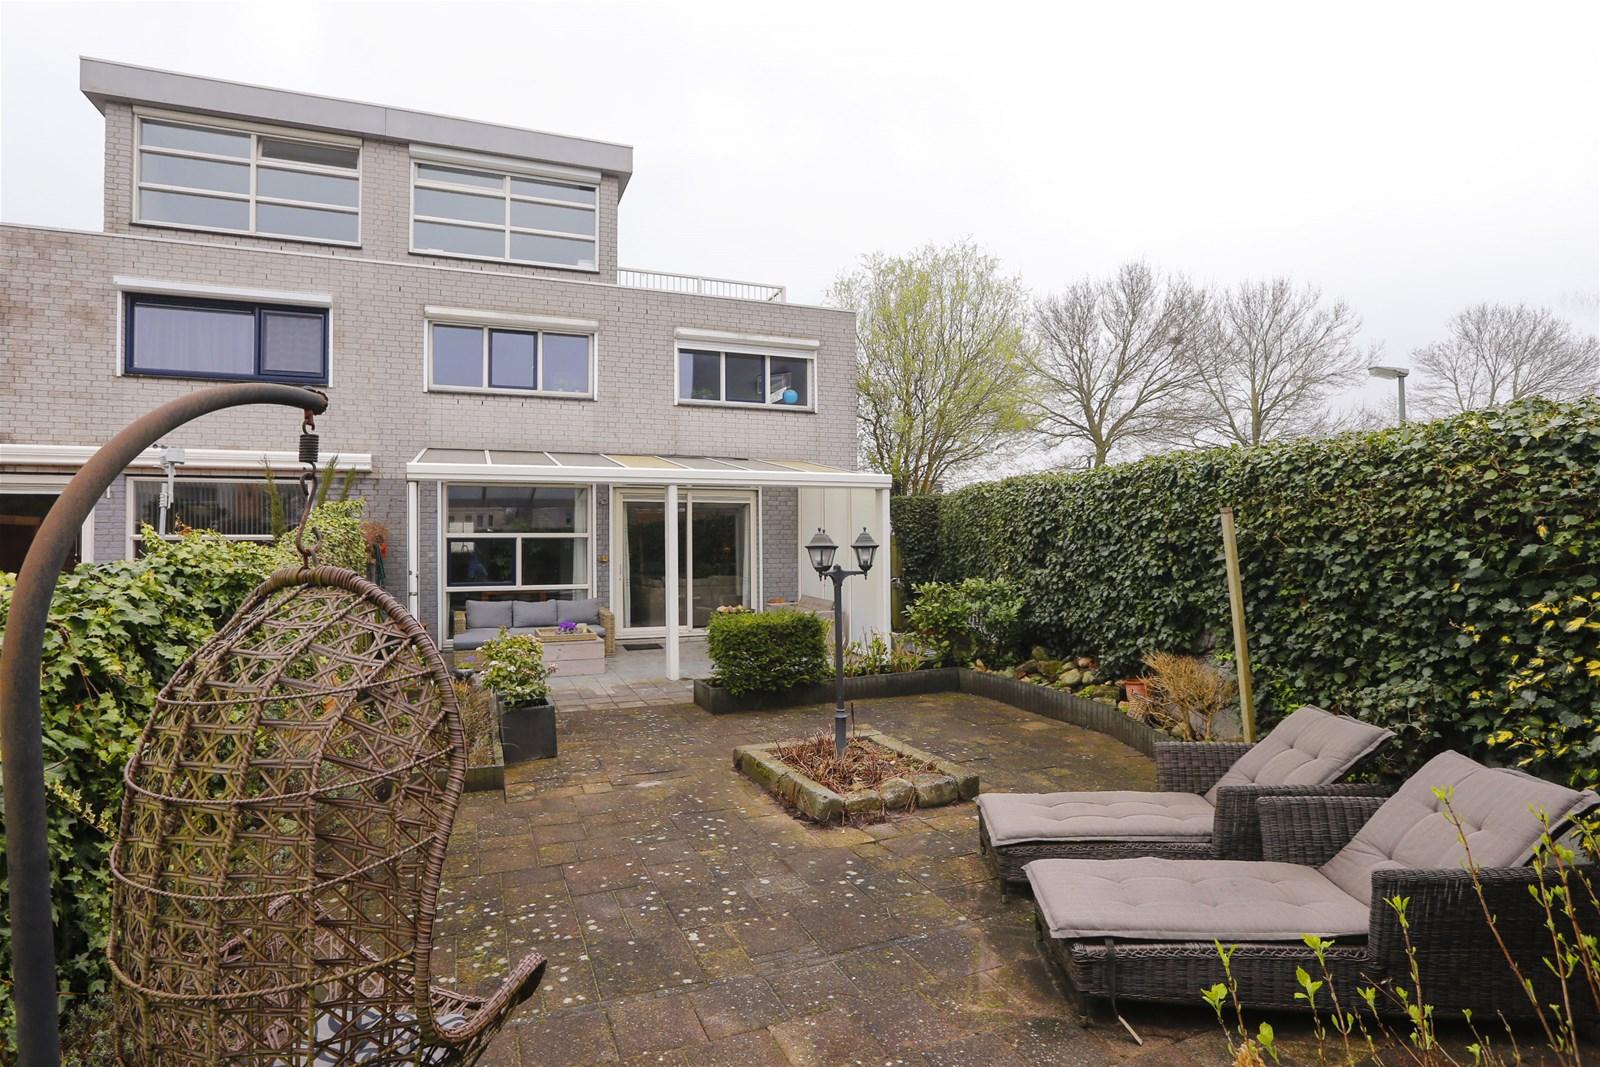 Nieuwe Badkamer Dordrecht : Palissander dordrecht oudelandshoek advema